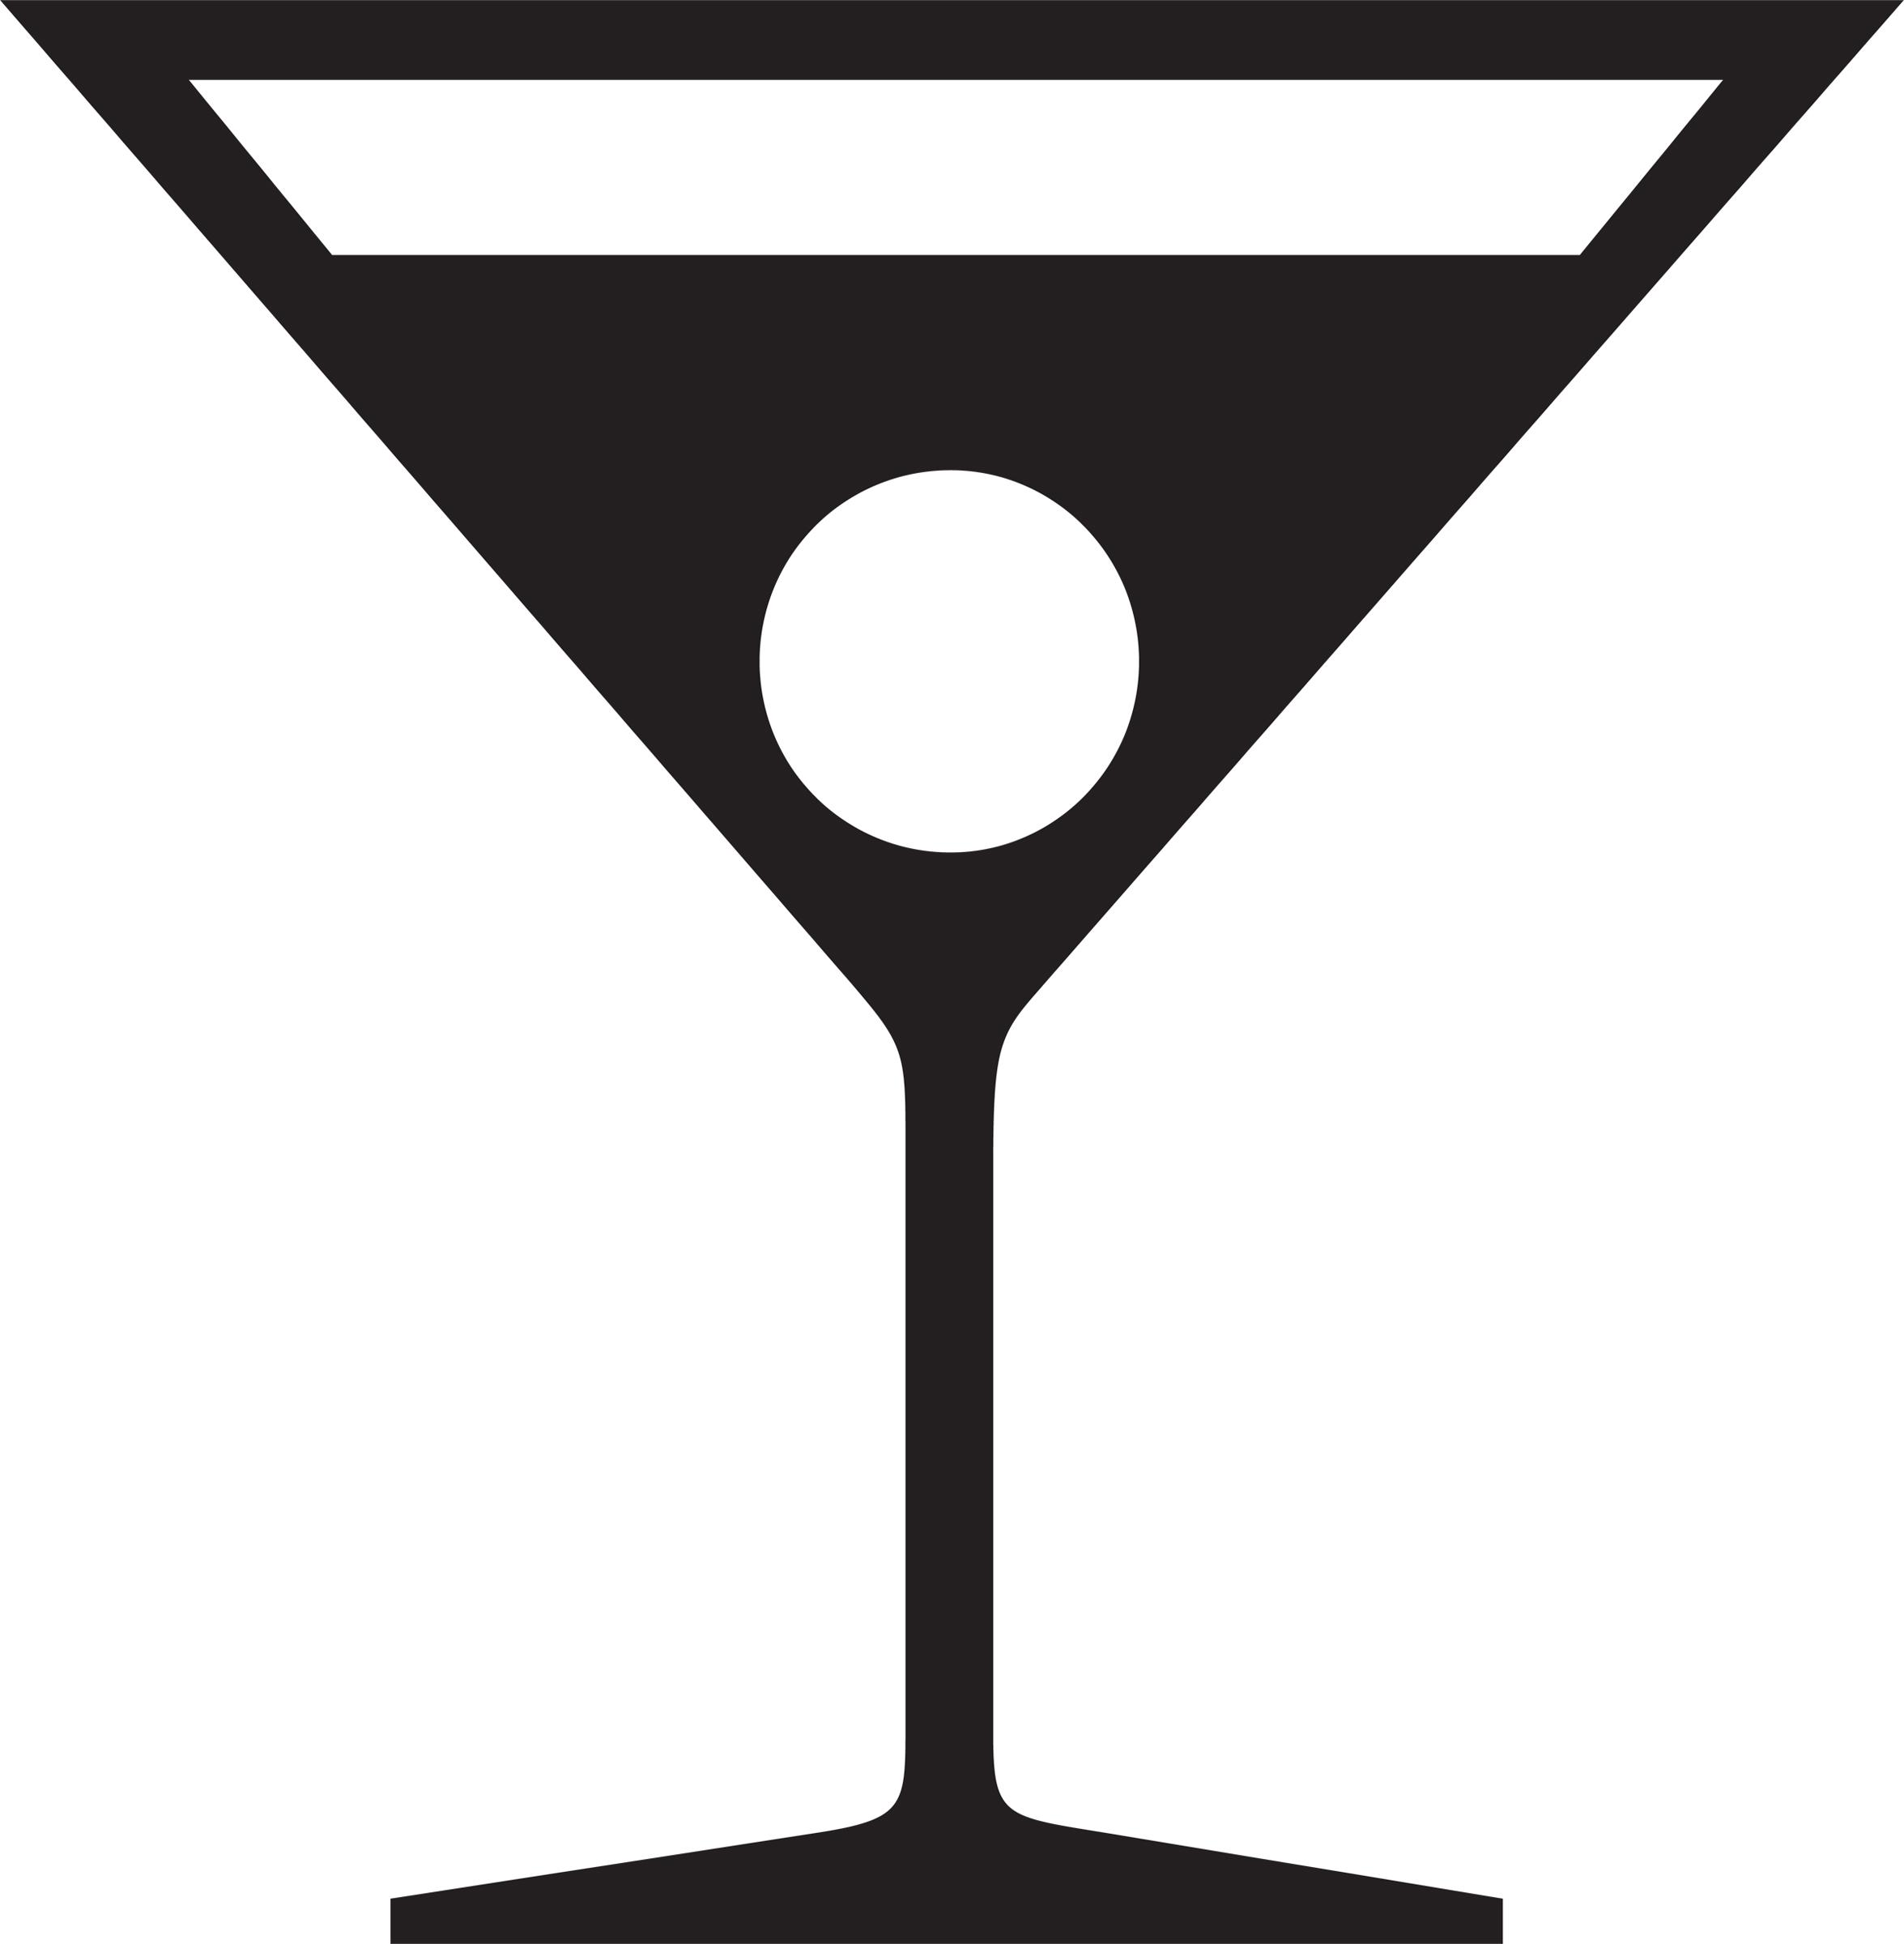 Free clip art download. Margarita clipart martini glass